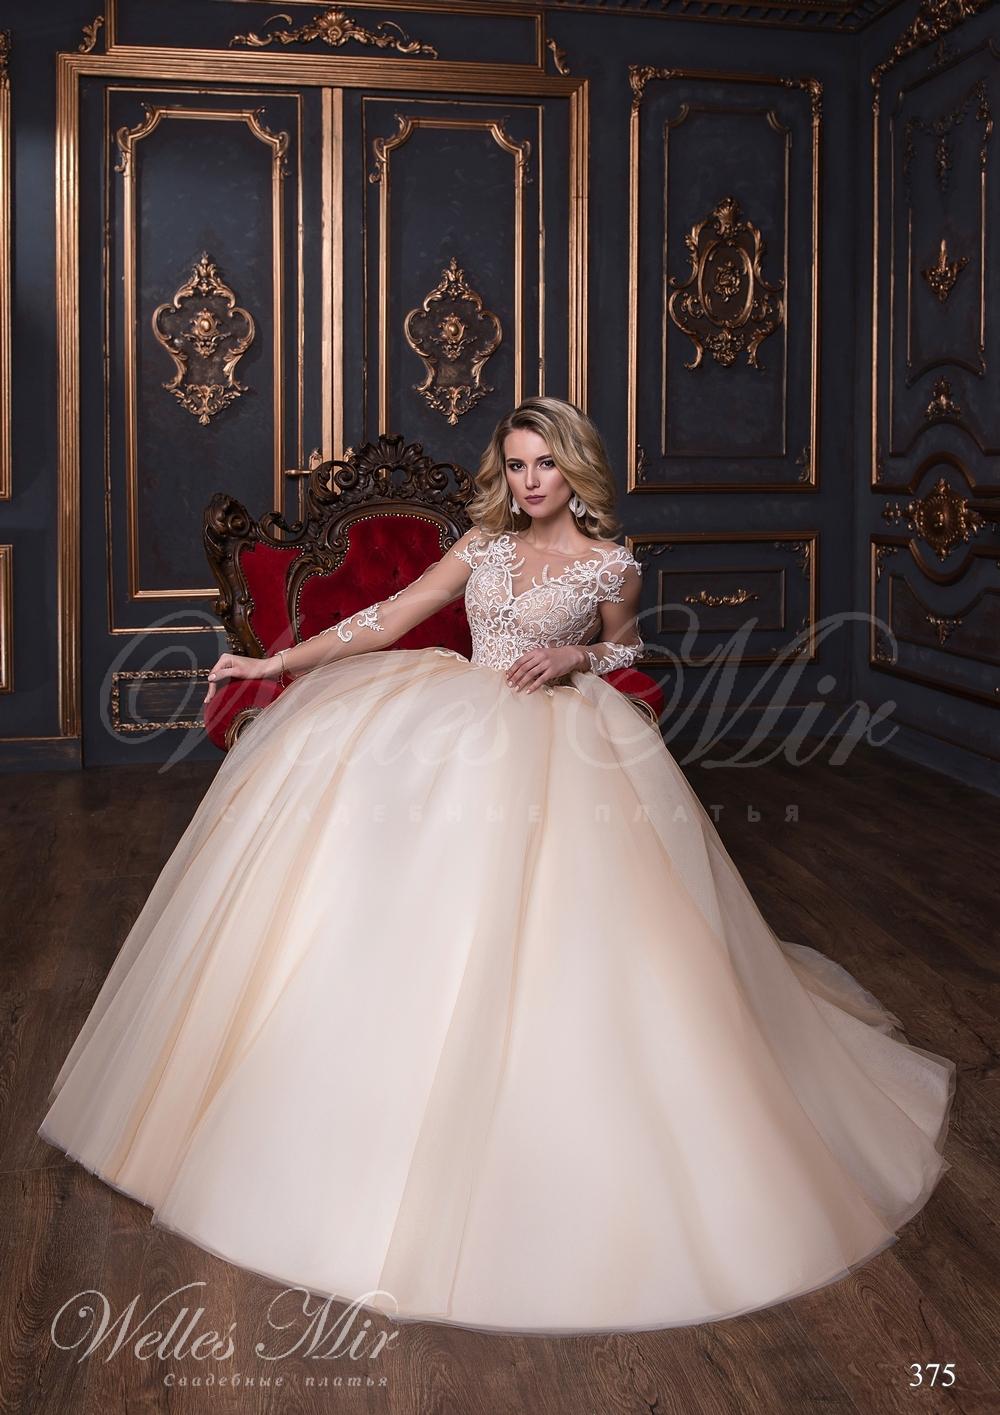 Свадебные платья Luxury collection 2017-2018 - 375